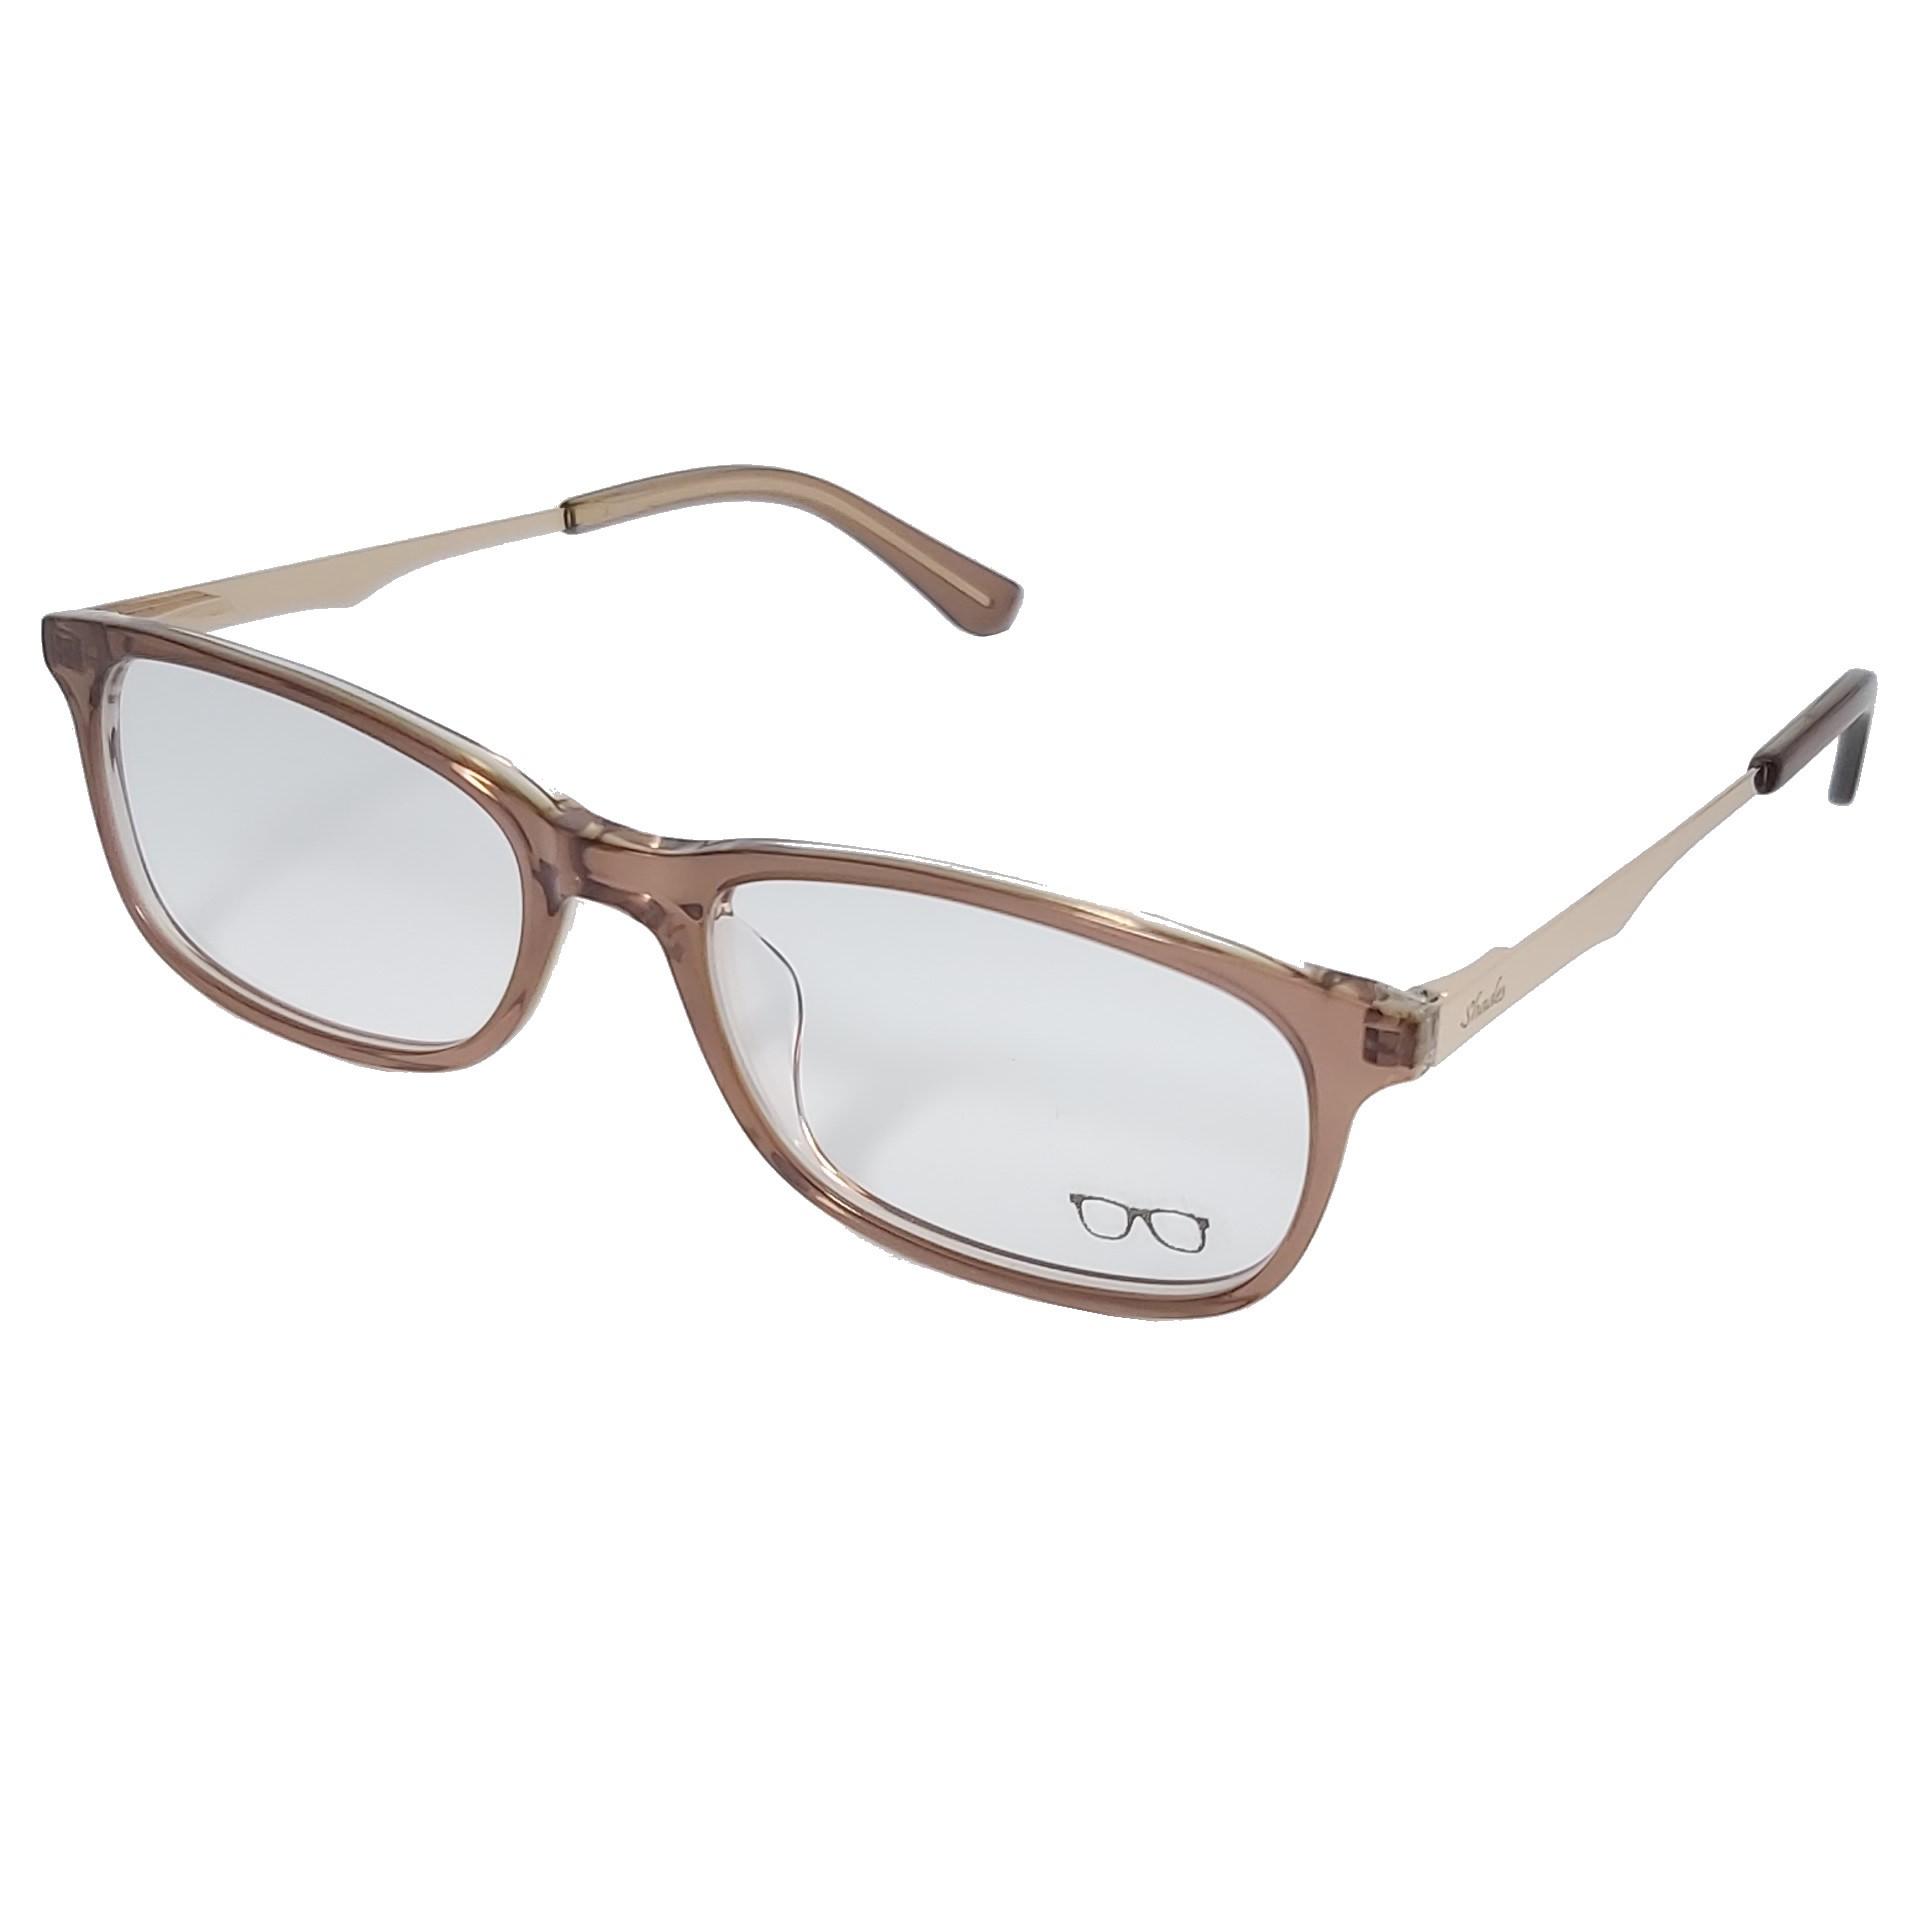 Armação de óculos feminina pequena Shades Brasil